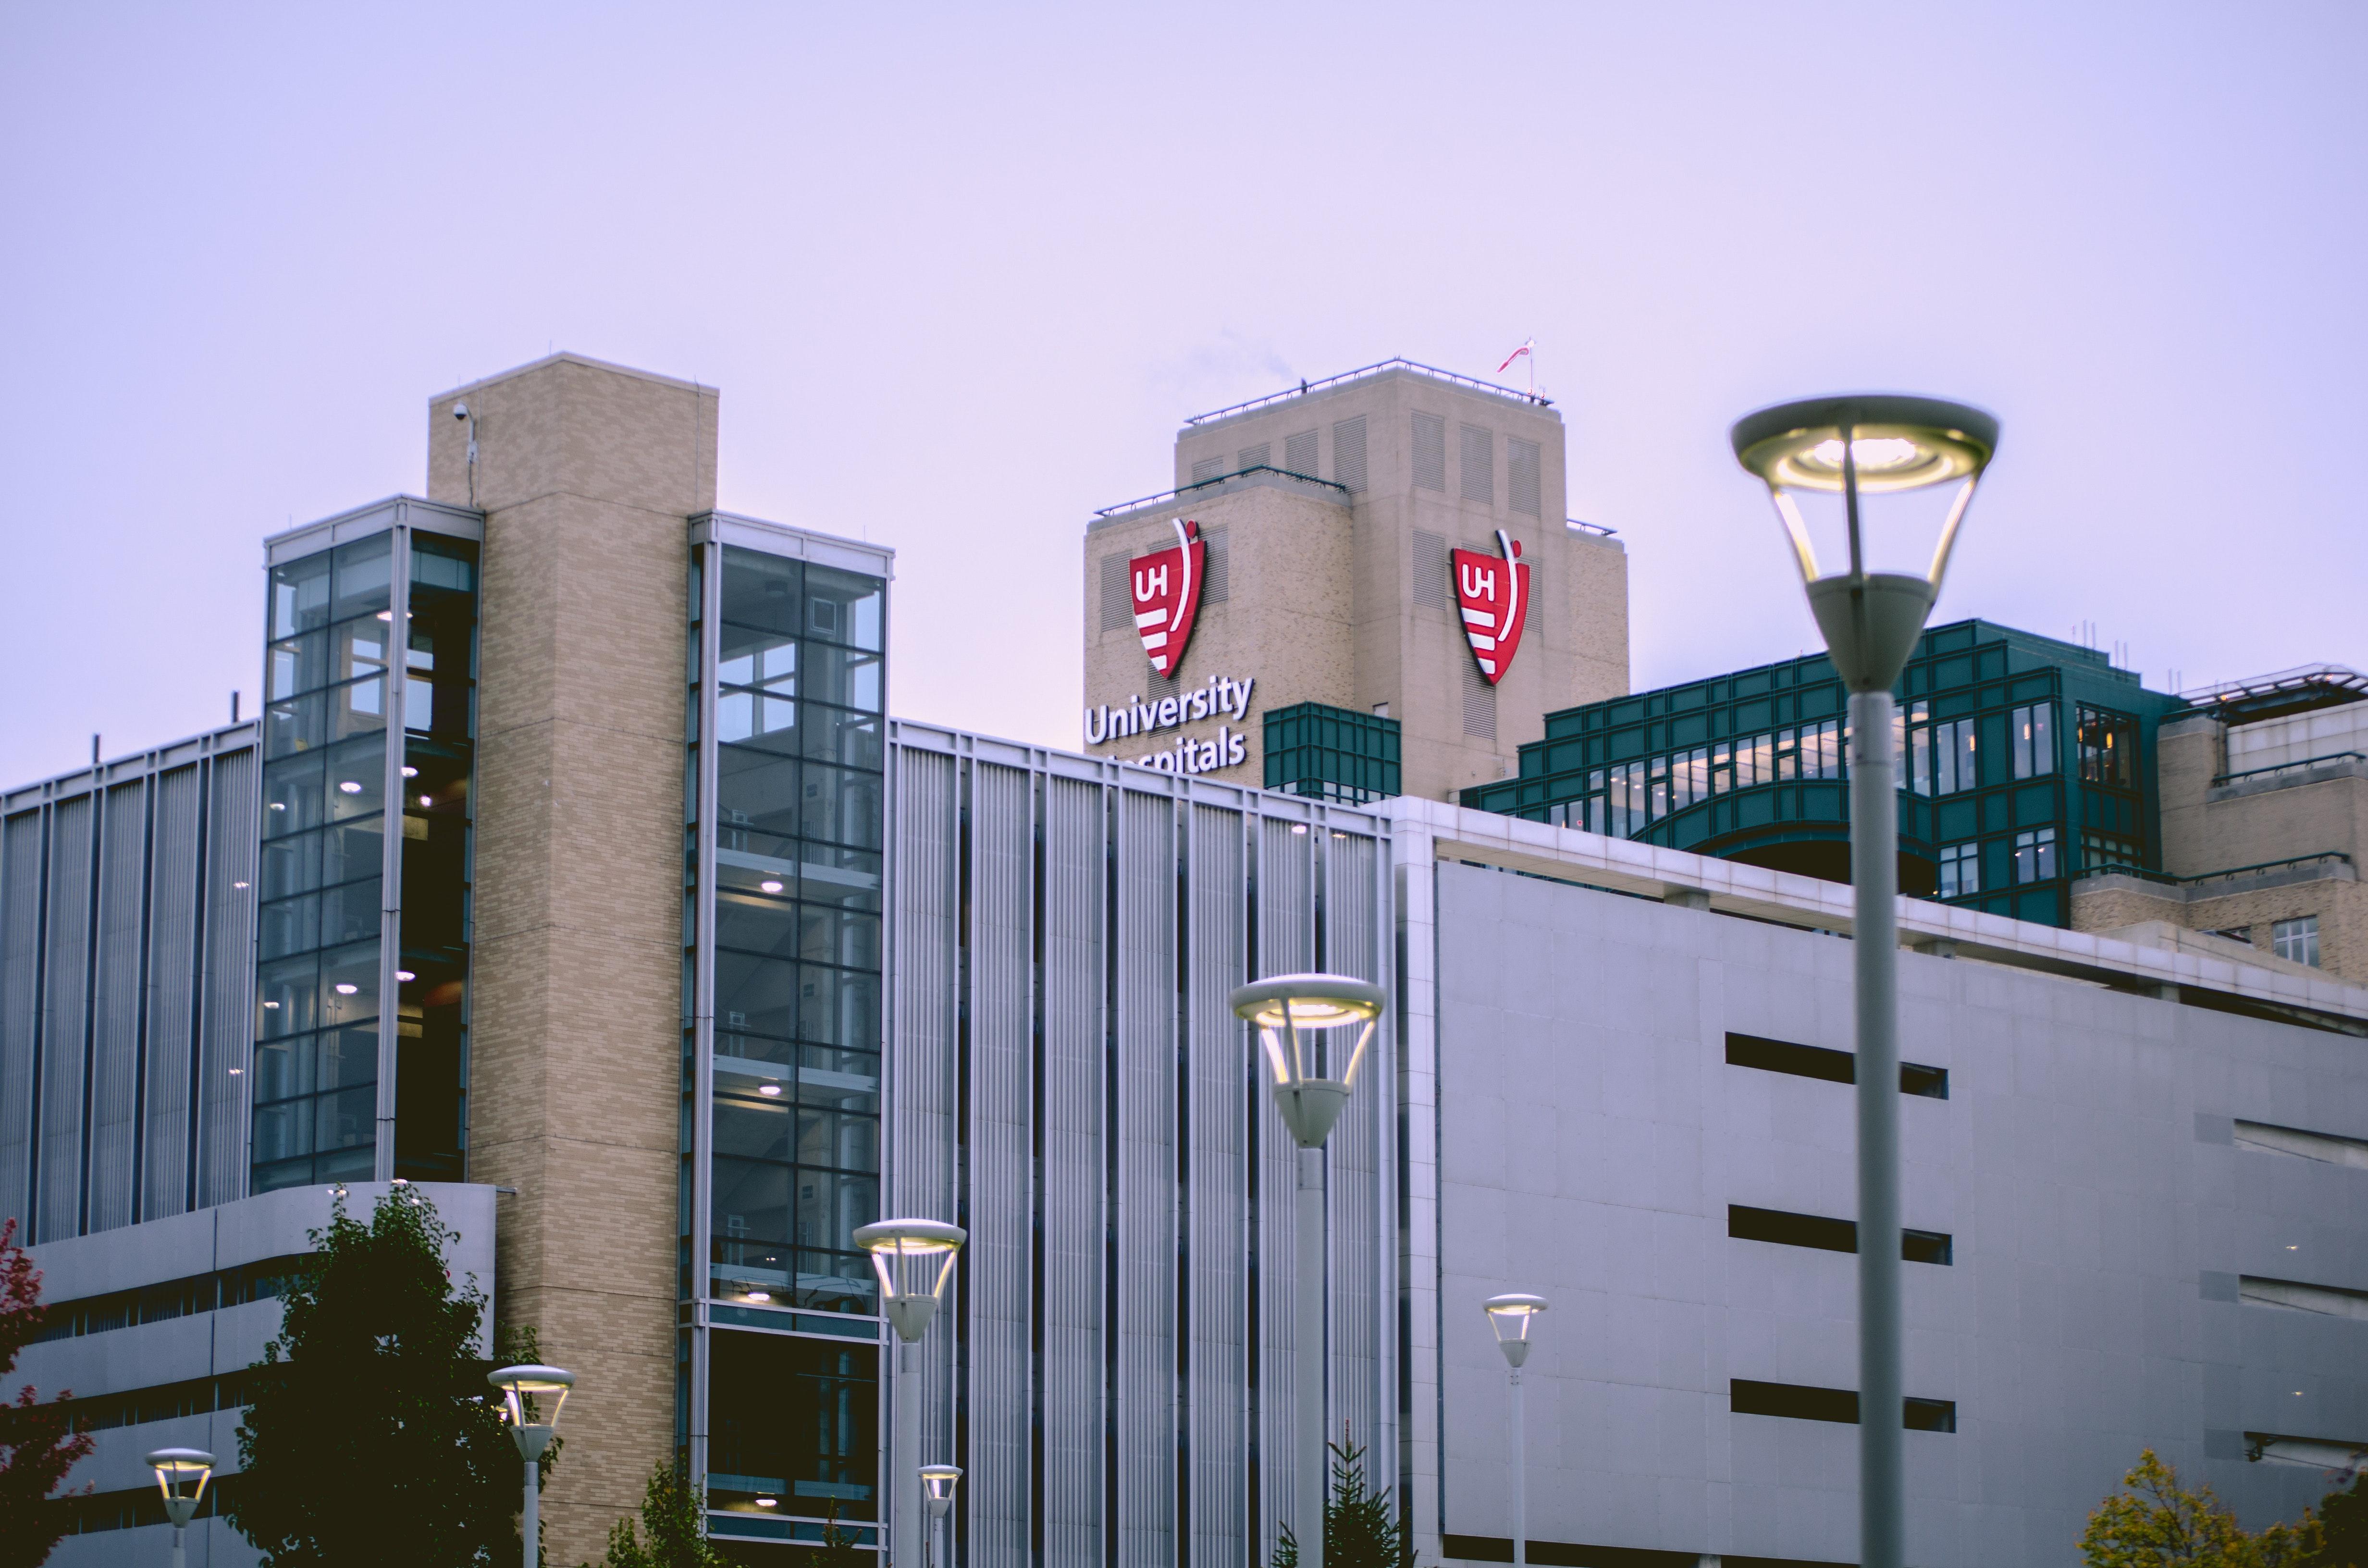 exterior hospital building